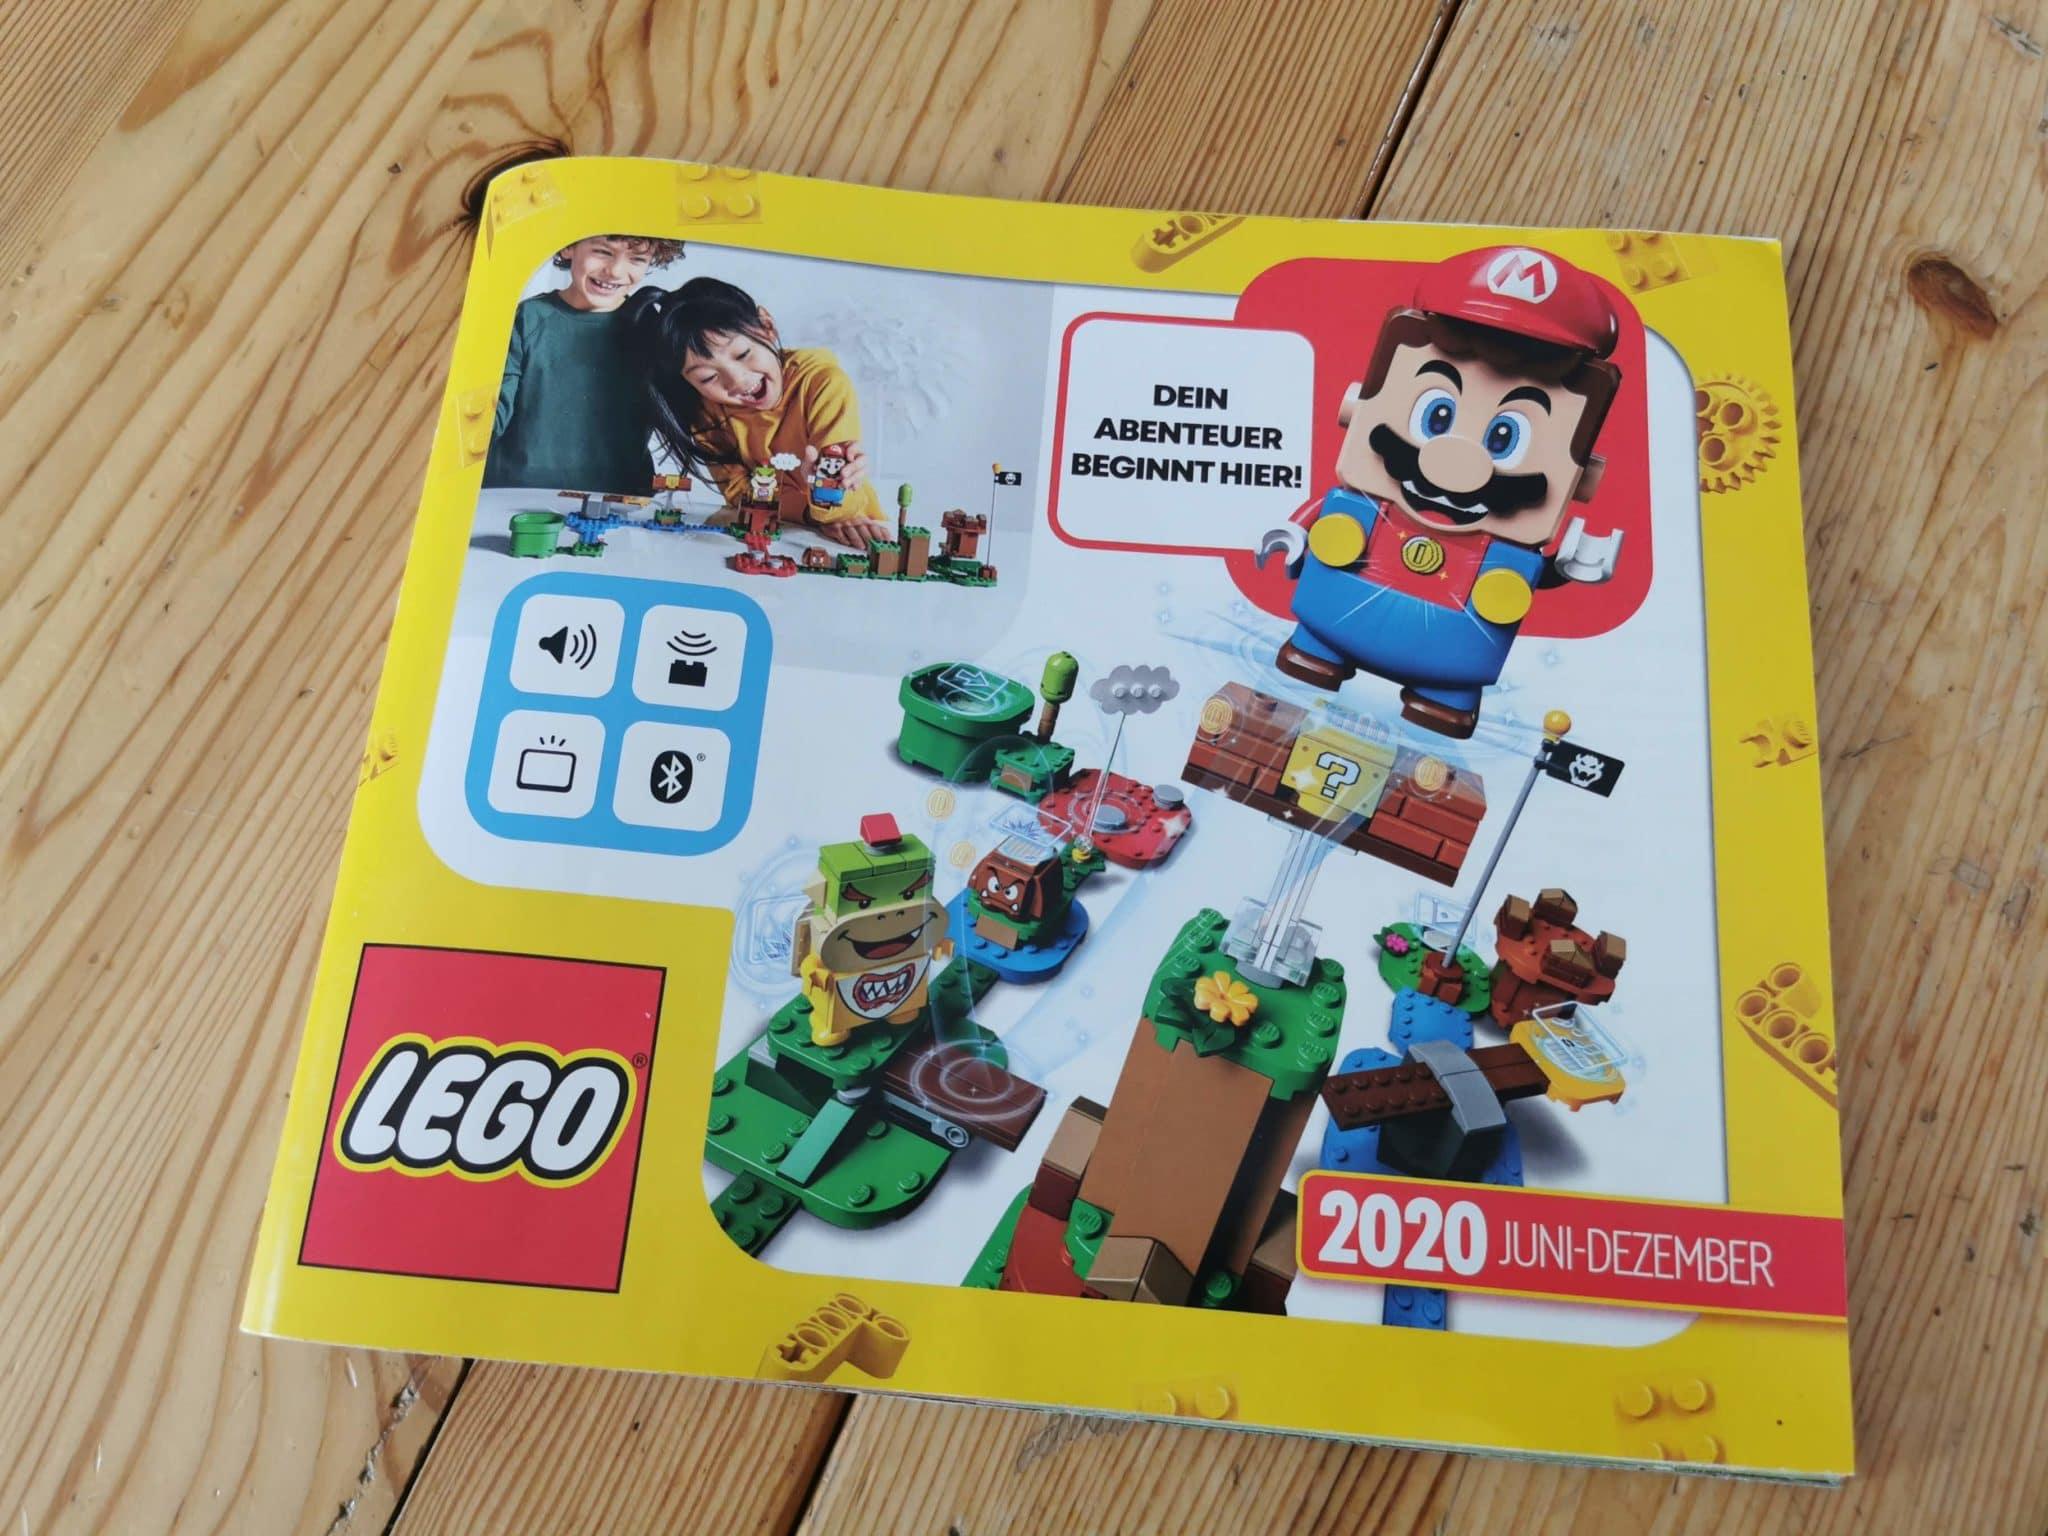 Lego_Katalog_2020_grossekoepfe